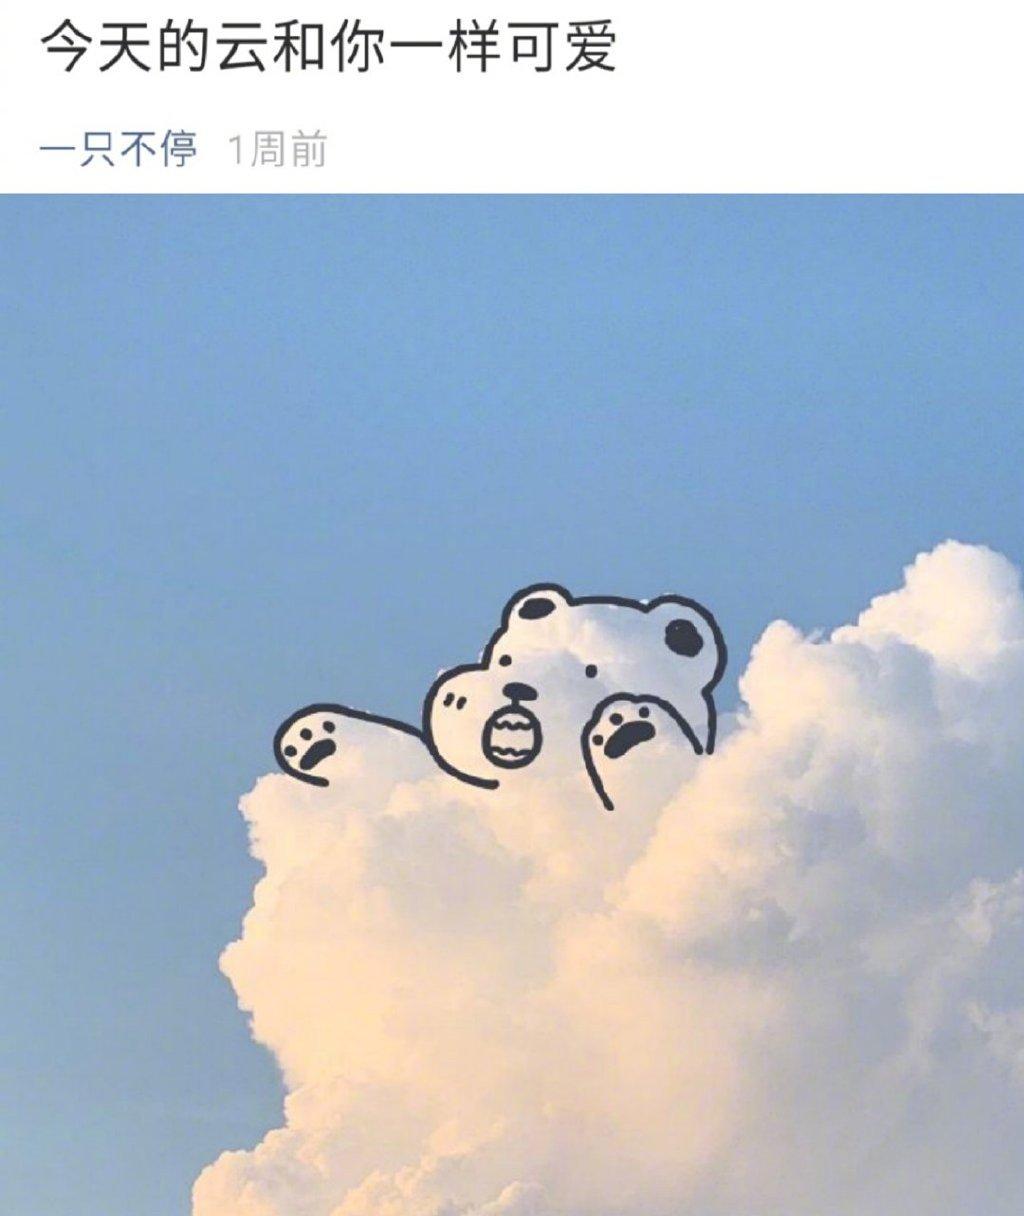 今天的云和你一样可爱!